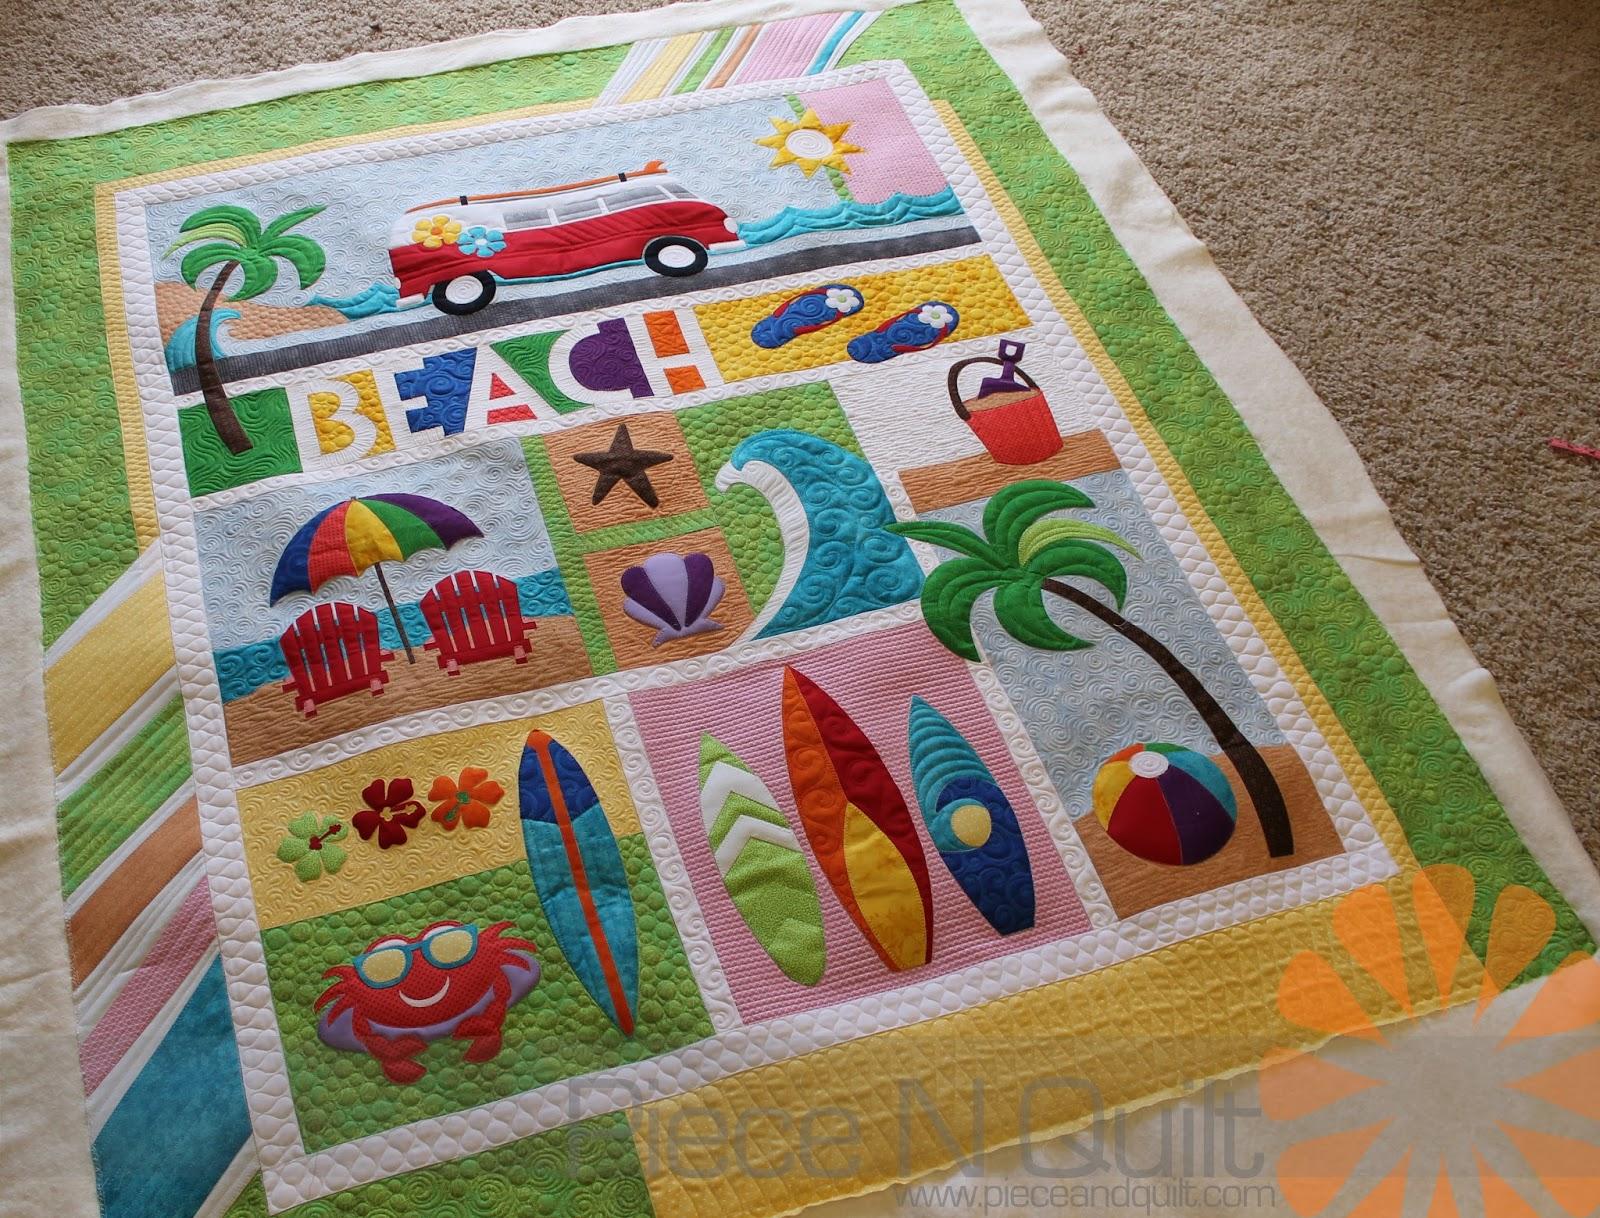 Machine Quilt Stitch Patterns Machine Embroidery Quilting